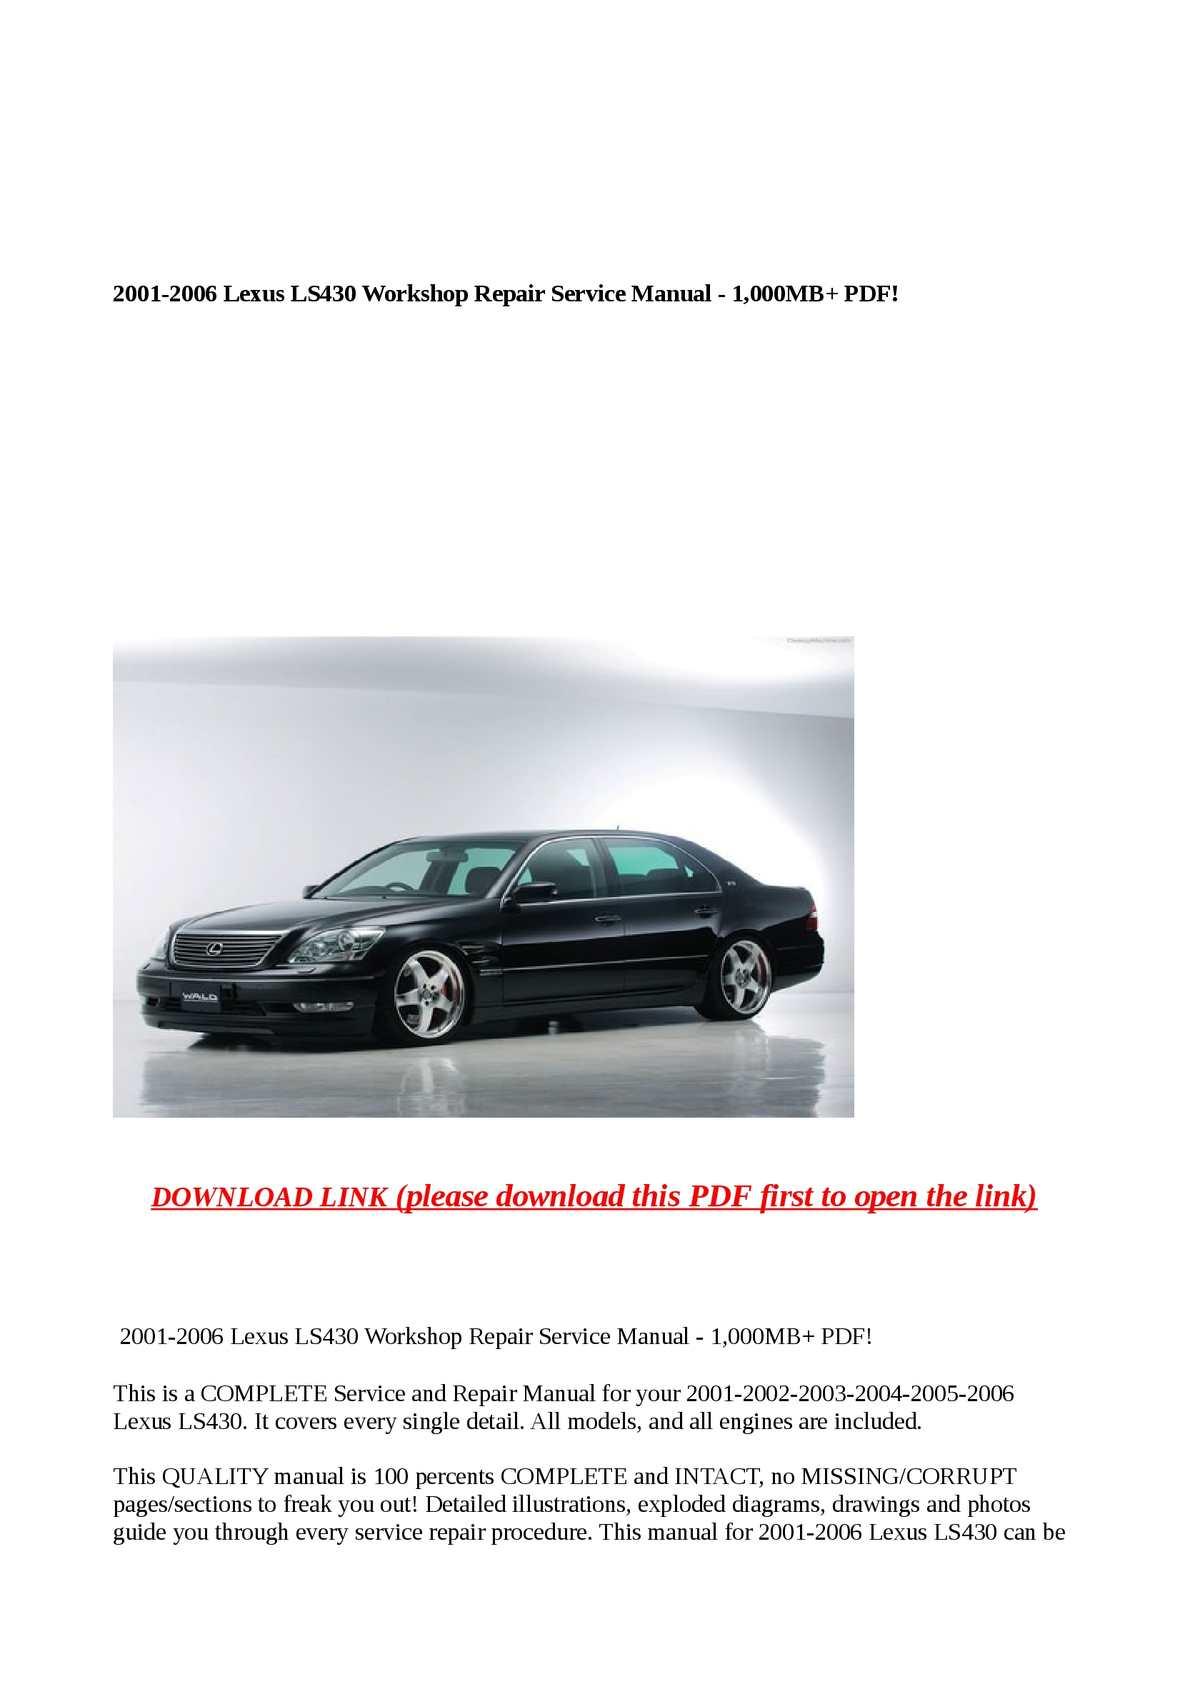 calam o 2001 2006 lexus ls430 workshop repair service manu rh calameo com 2001 Lexus LS430 Parts 2001 lexus ls430 service manual